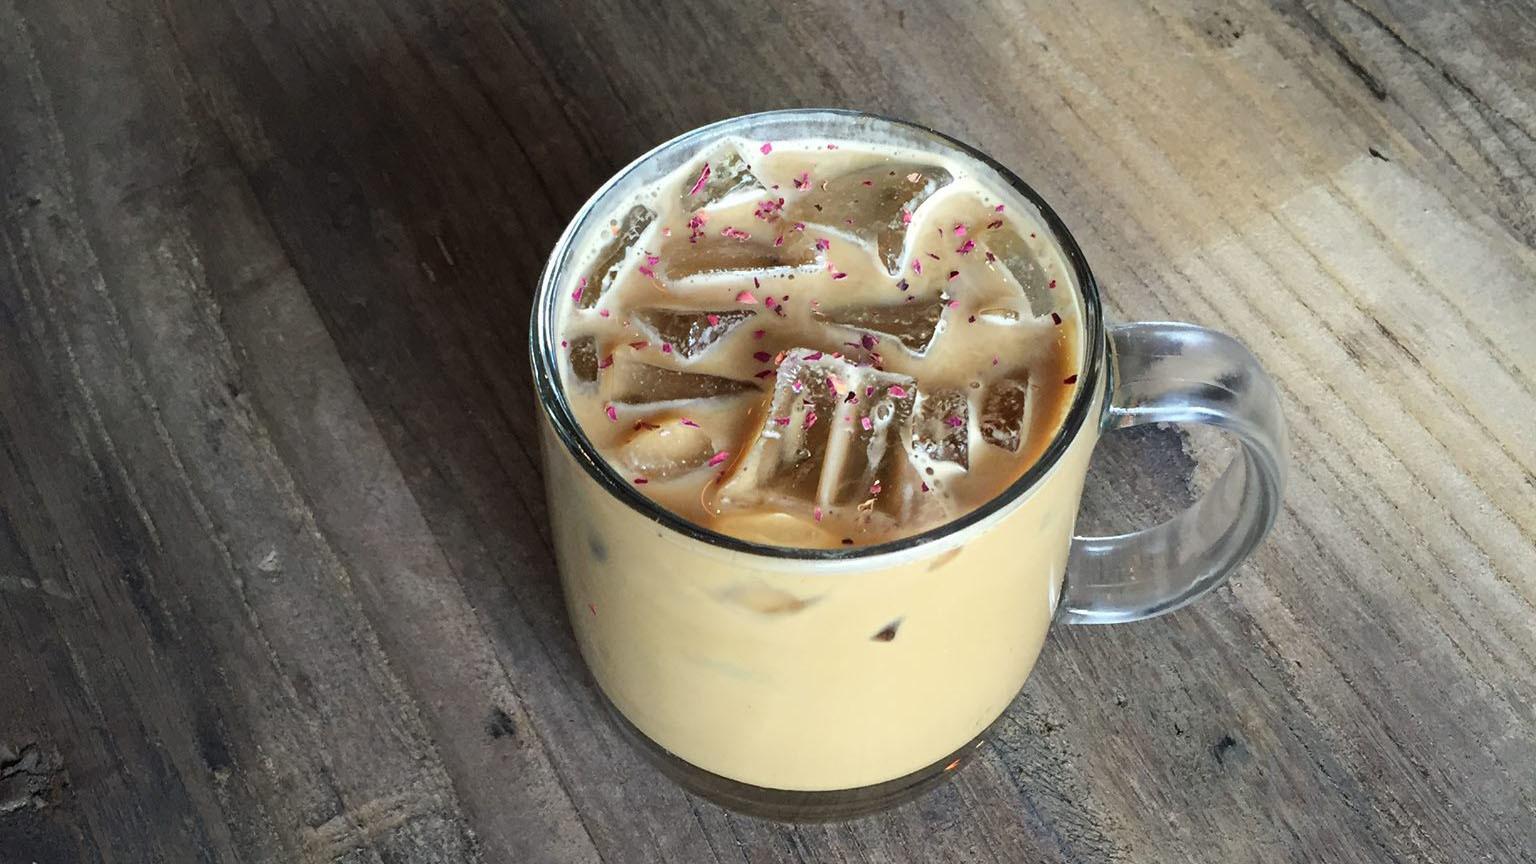 Pistachio rose latte at Oromo Cafe